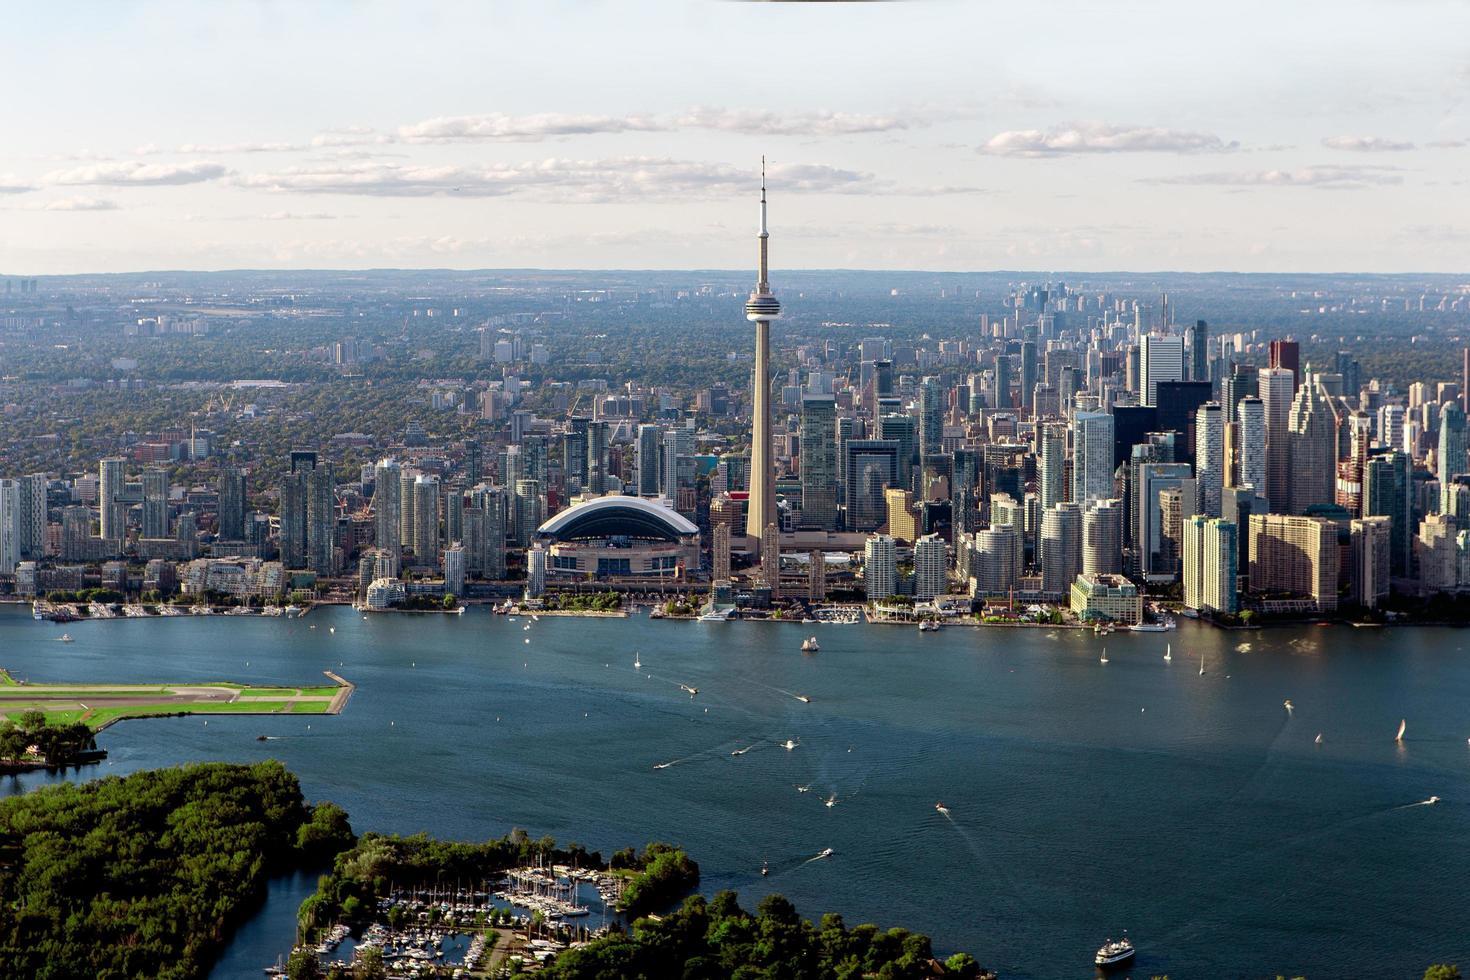 grijze gebouwen in de buurt van waterlichaam in luchtfoto foto